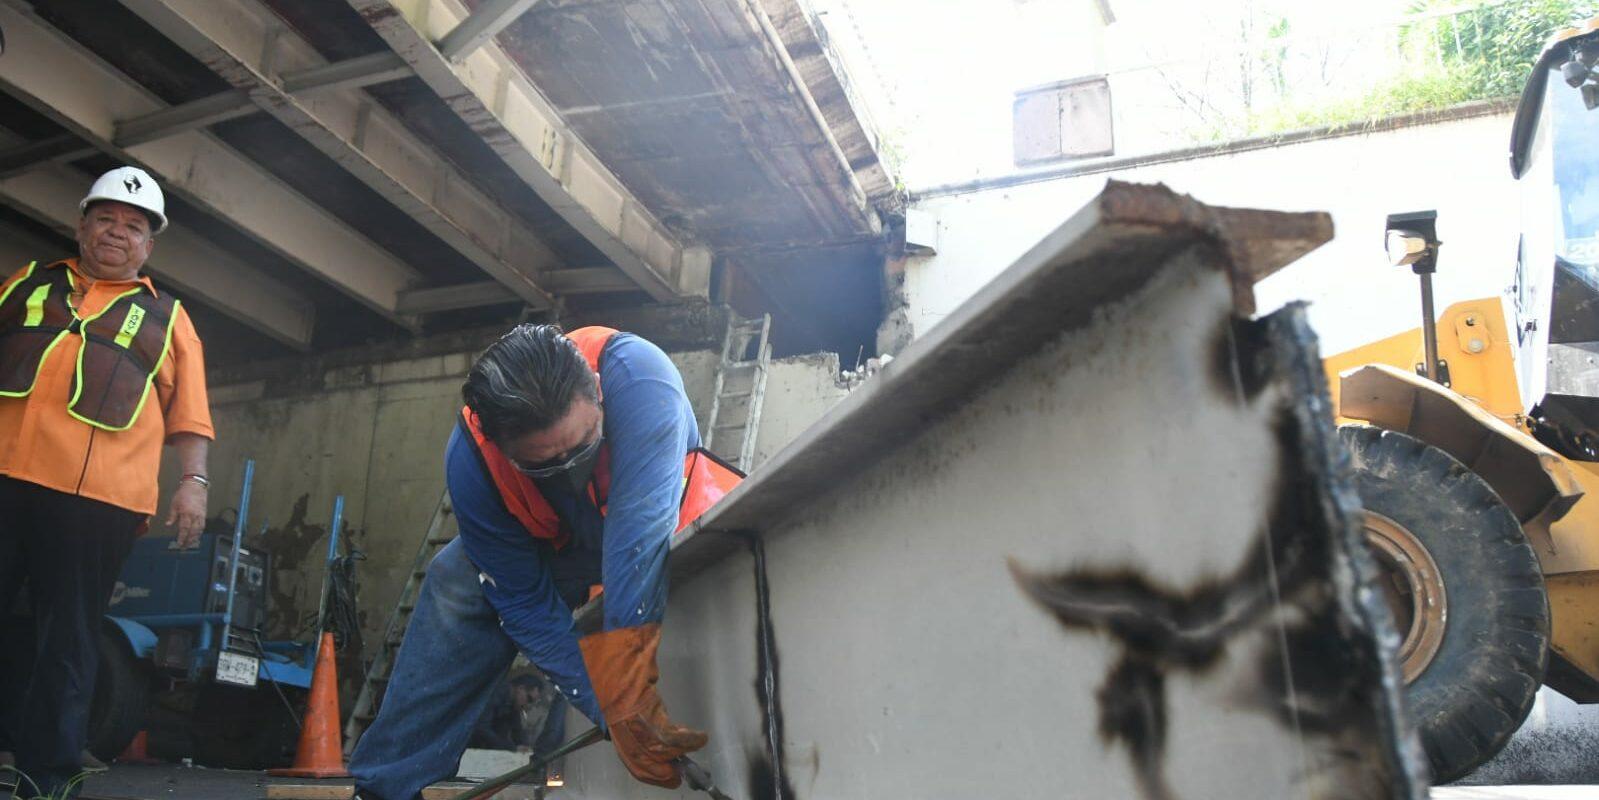 Trabajadores del Ayuntamiento reemplazan viga de acero en puente Hidalgo en el centro de Culiacán. FOTO: Leo Espinoza.